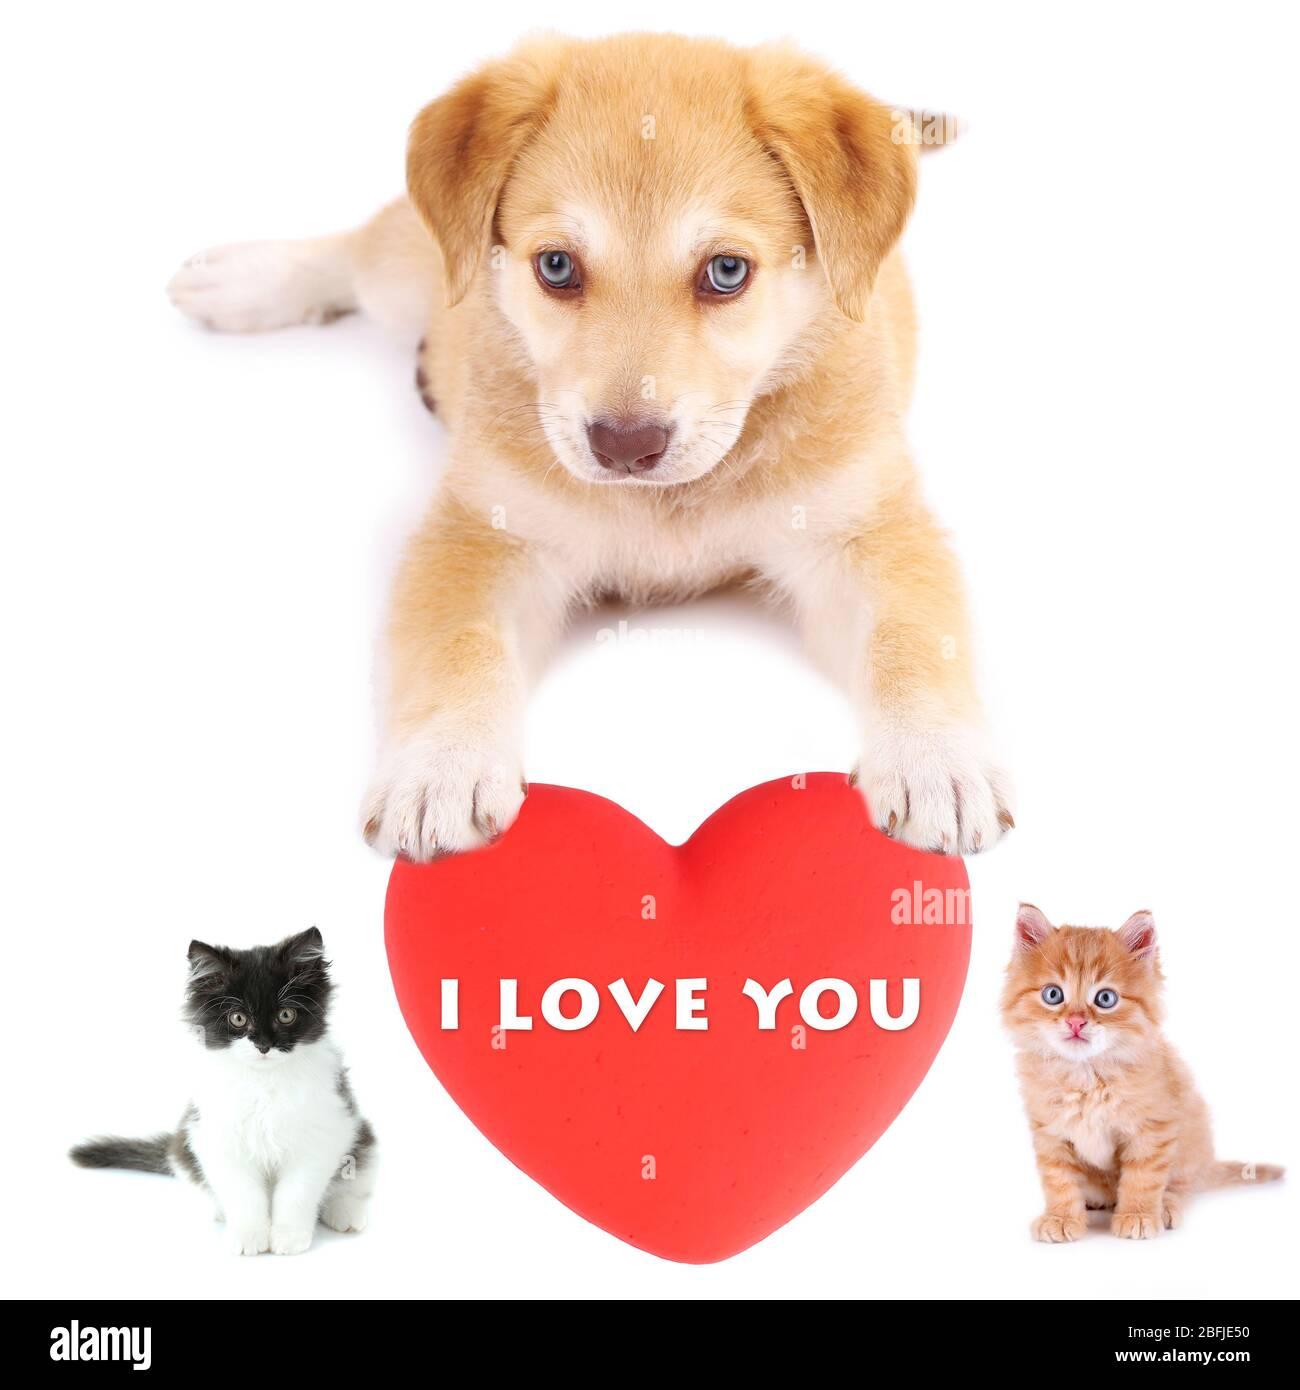 Niedliche Haustiere mit großem Herz isoliert auf weiß Stockfoto